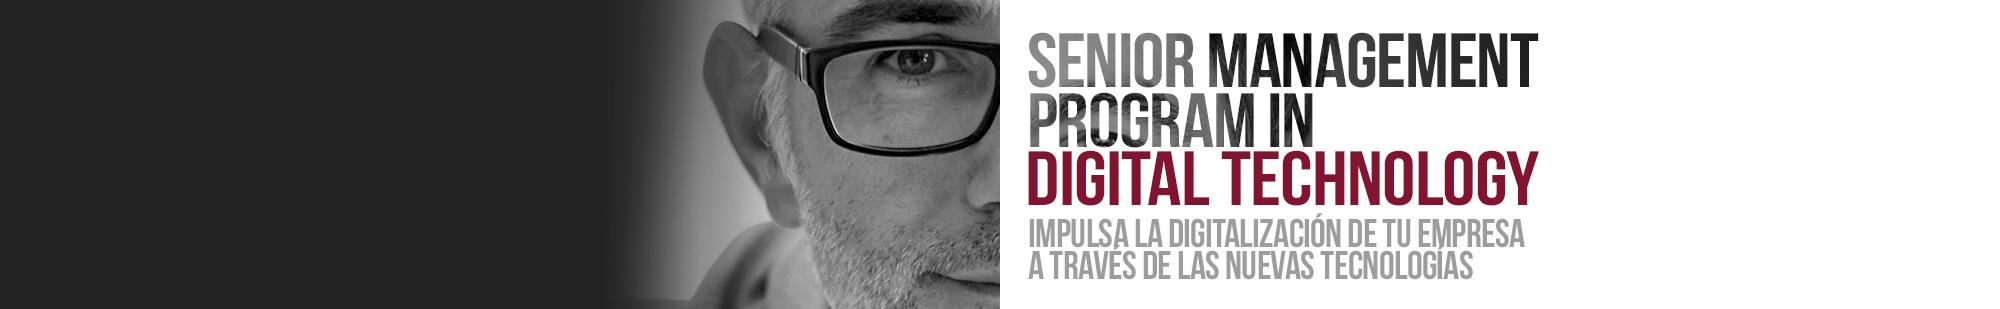 imagen_senior_management_program_in_digital_technology